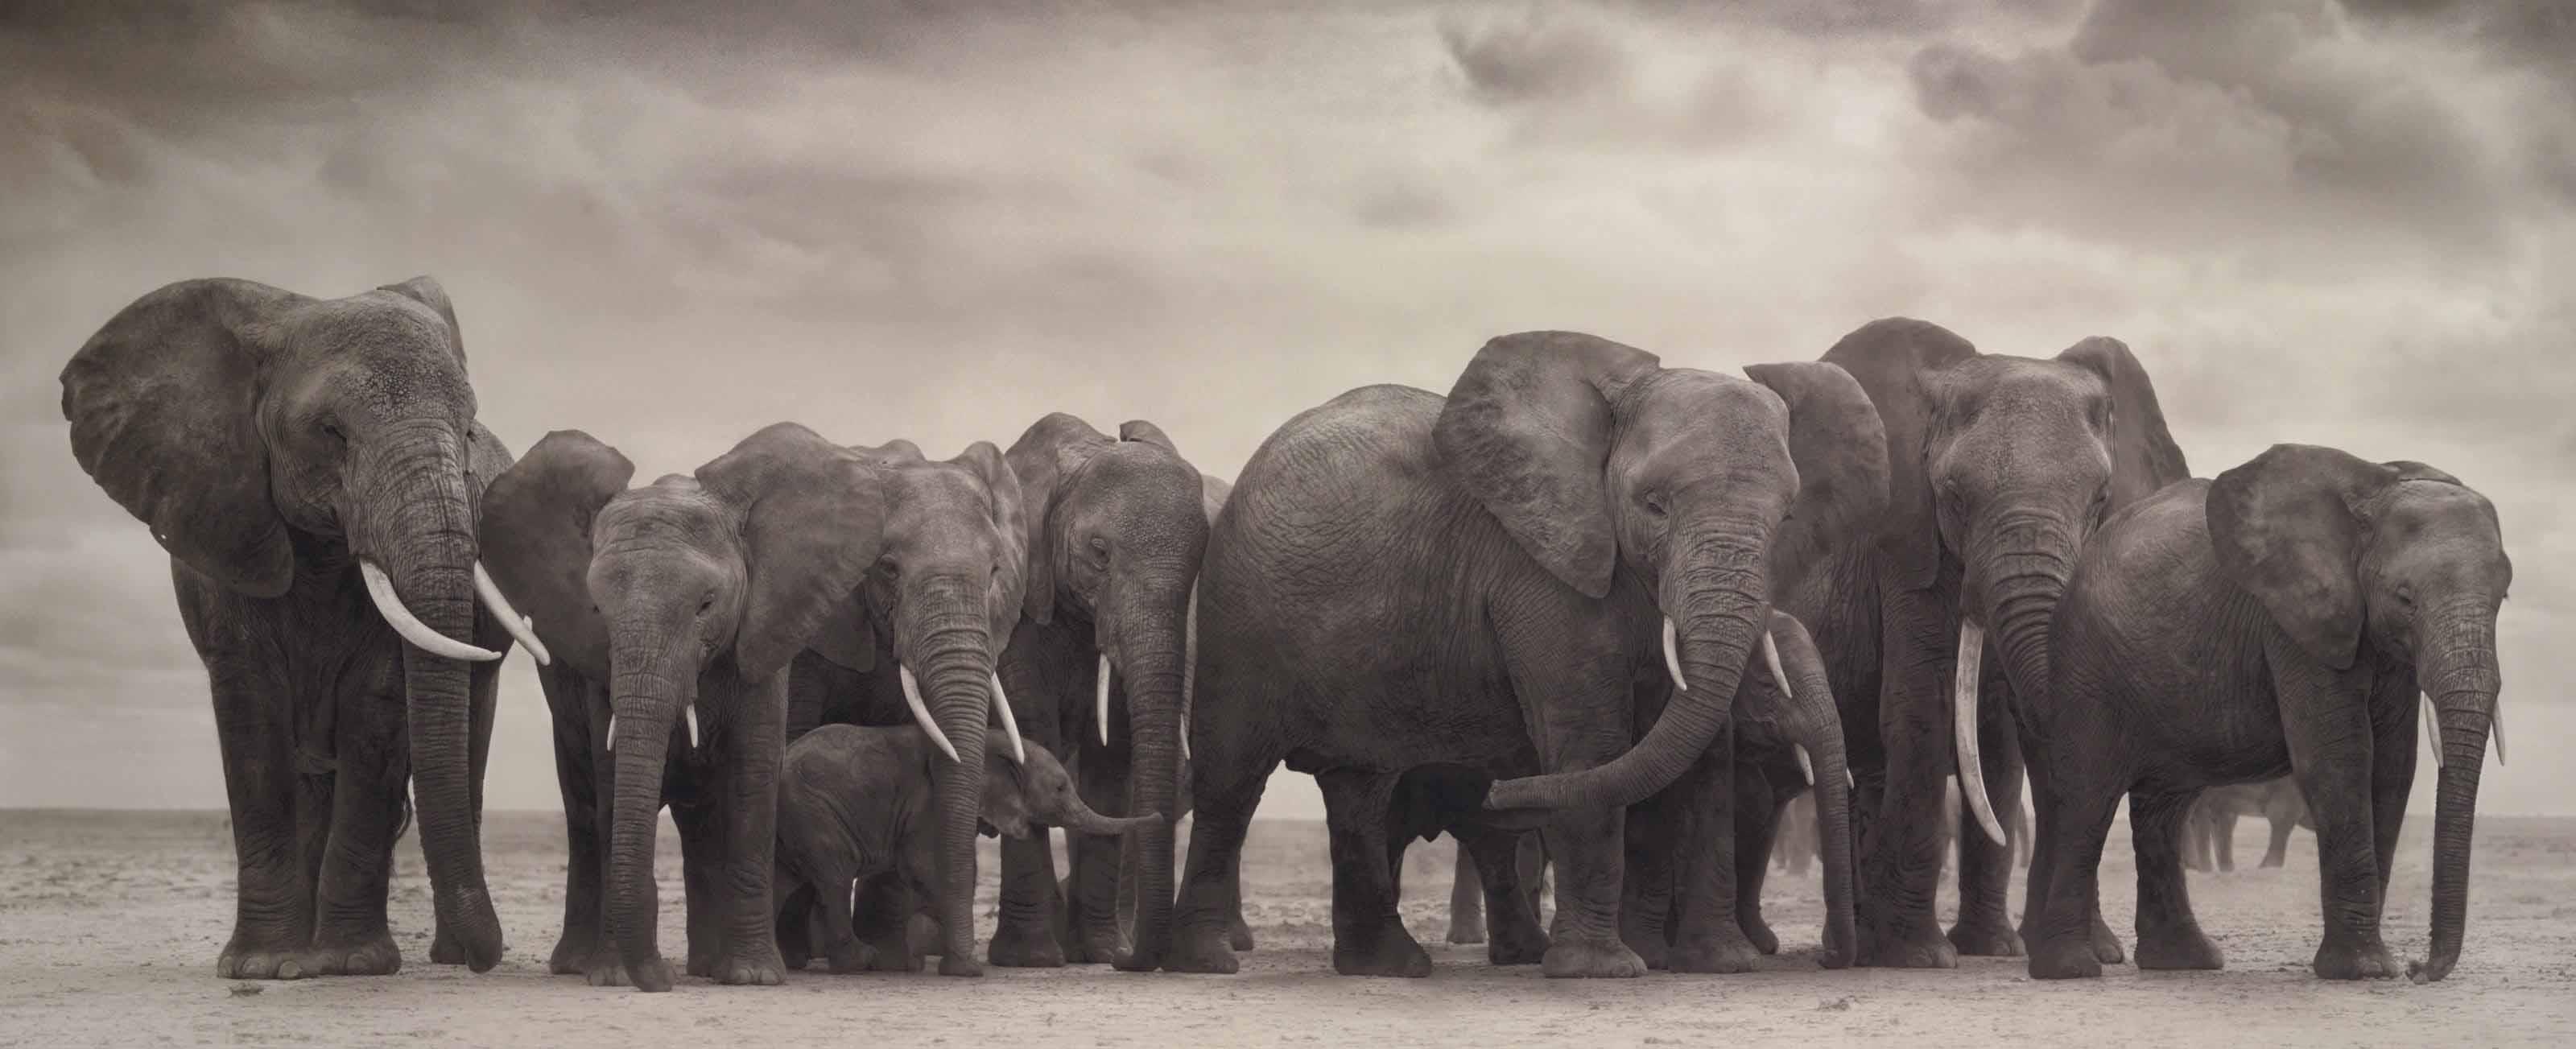 Elephant group on bare earth, Amboseli, 2008